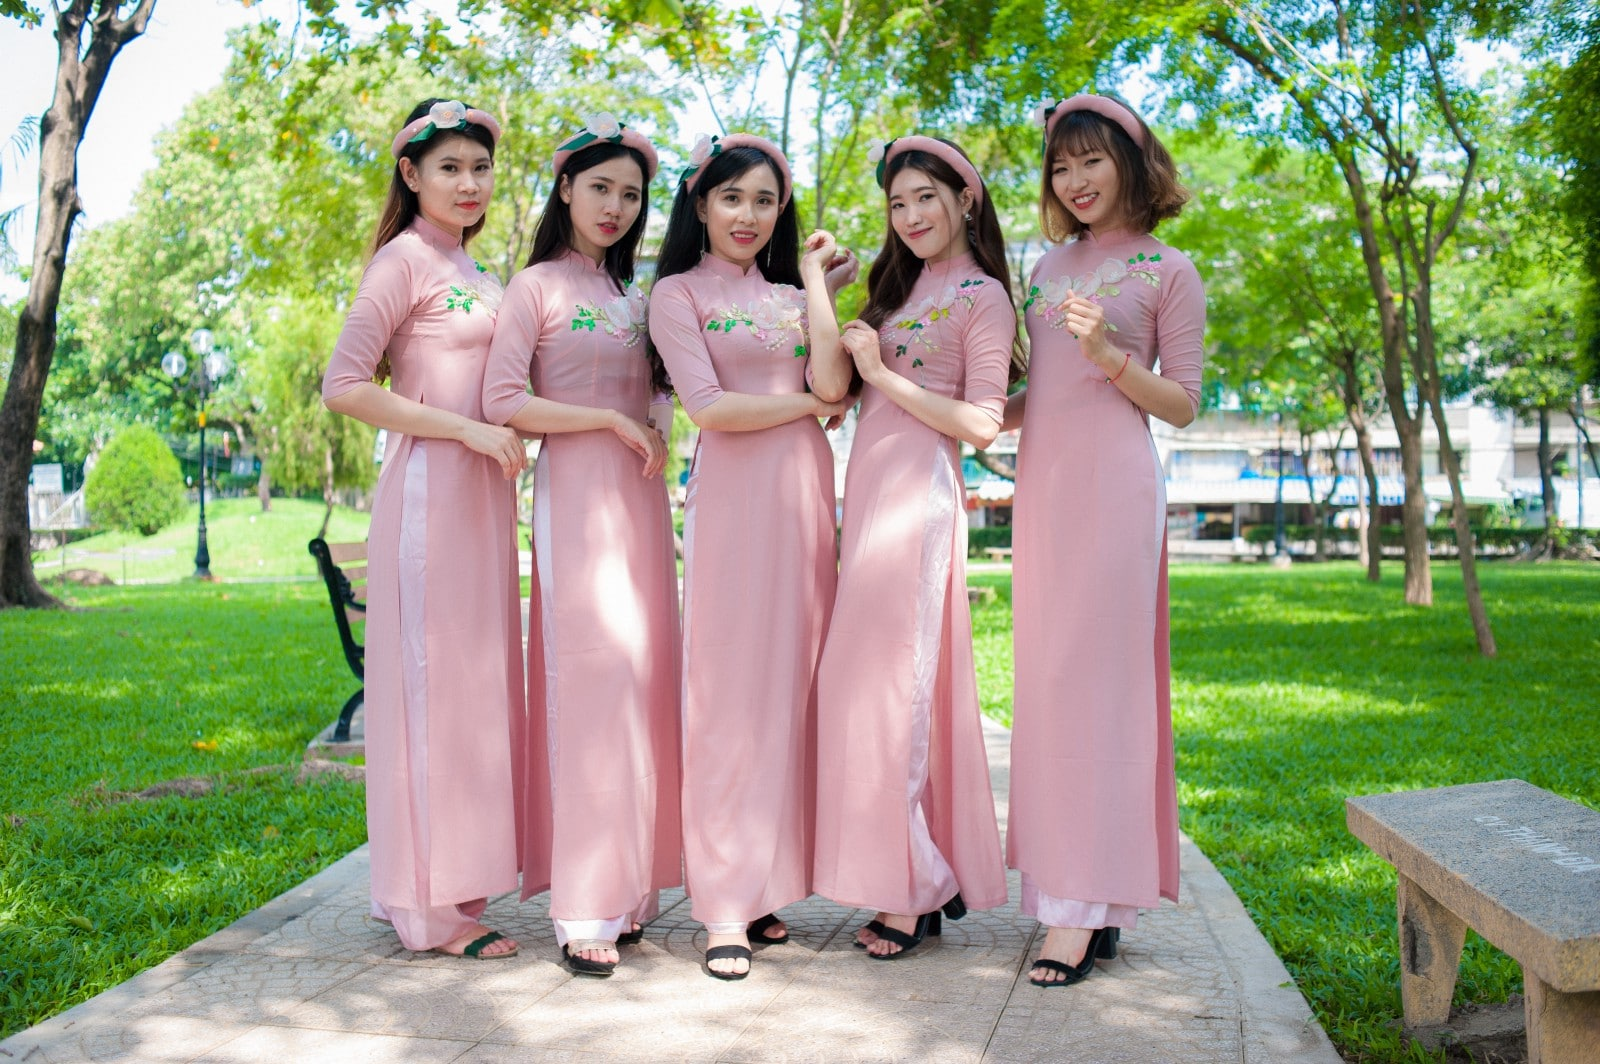 Địa chỉ cho thuê áo dài bưng quả màu hồng phấn mẫu đẹp, giá tốt tại tphcm